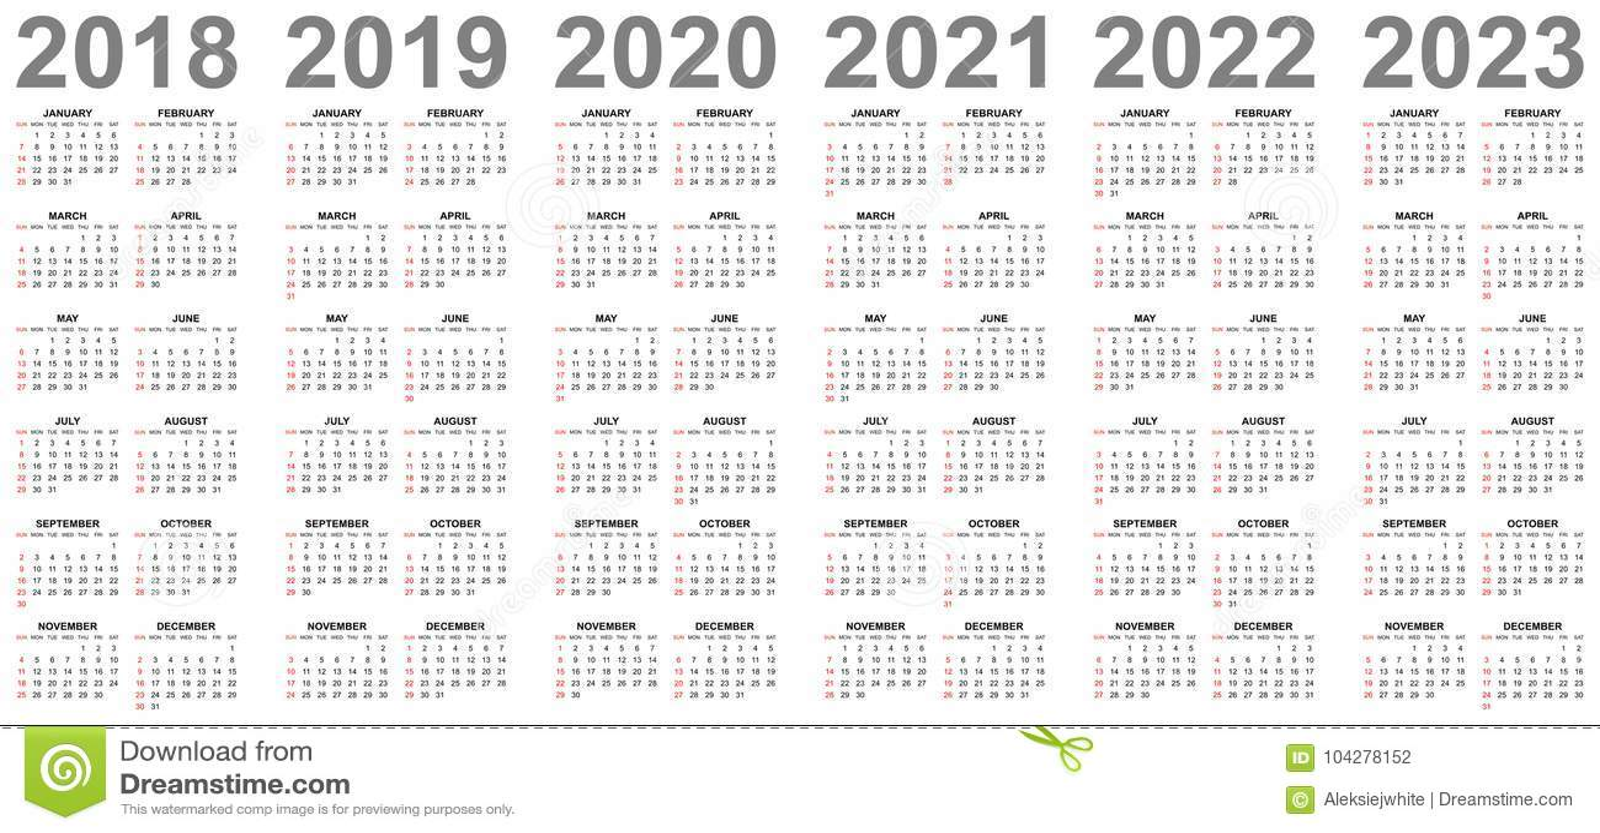 Calendarios Simples Por Años 2018 2019 2020 2021 2022 ...